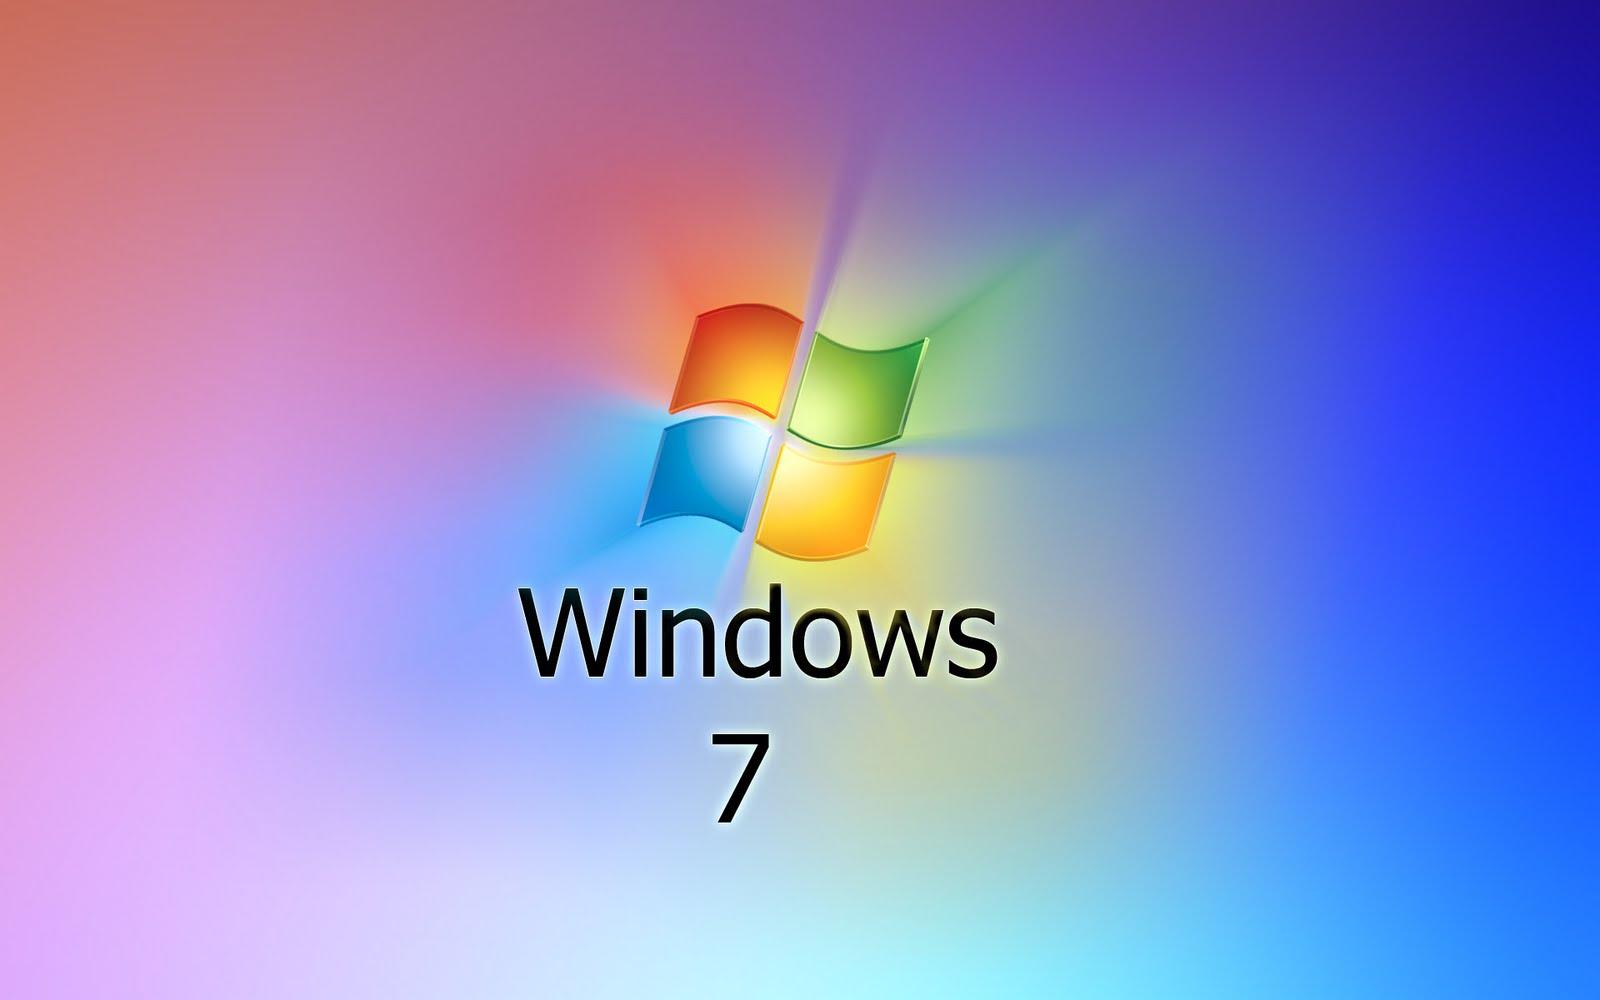 http://4.bp.blogspot.com/-ScTWJyj3jac/TqxzJMRBqVI/AAAAAAAAAi4/MSNgiVsv3ZU/s1600/Windows-7-wall.jpg